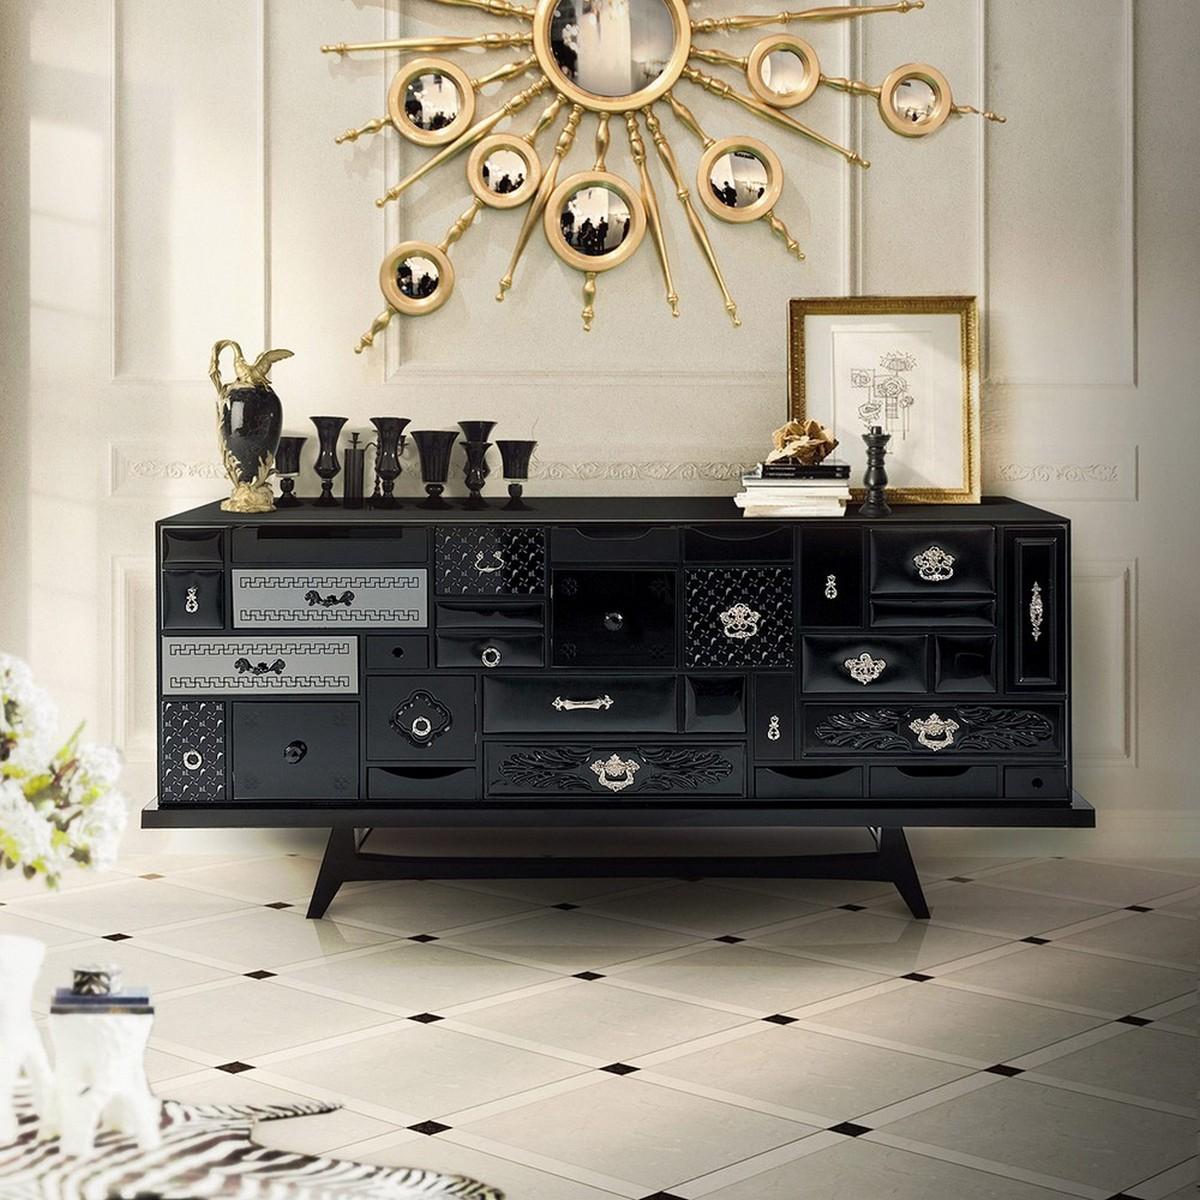 Aparadores lujuosos y elegantes: Color Negra es un misterio aparadores lujuosos Aparadores lujuosos y elegantes: Color Negra es un misterio mondrian 08